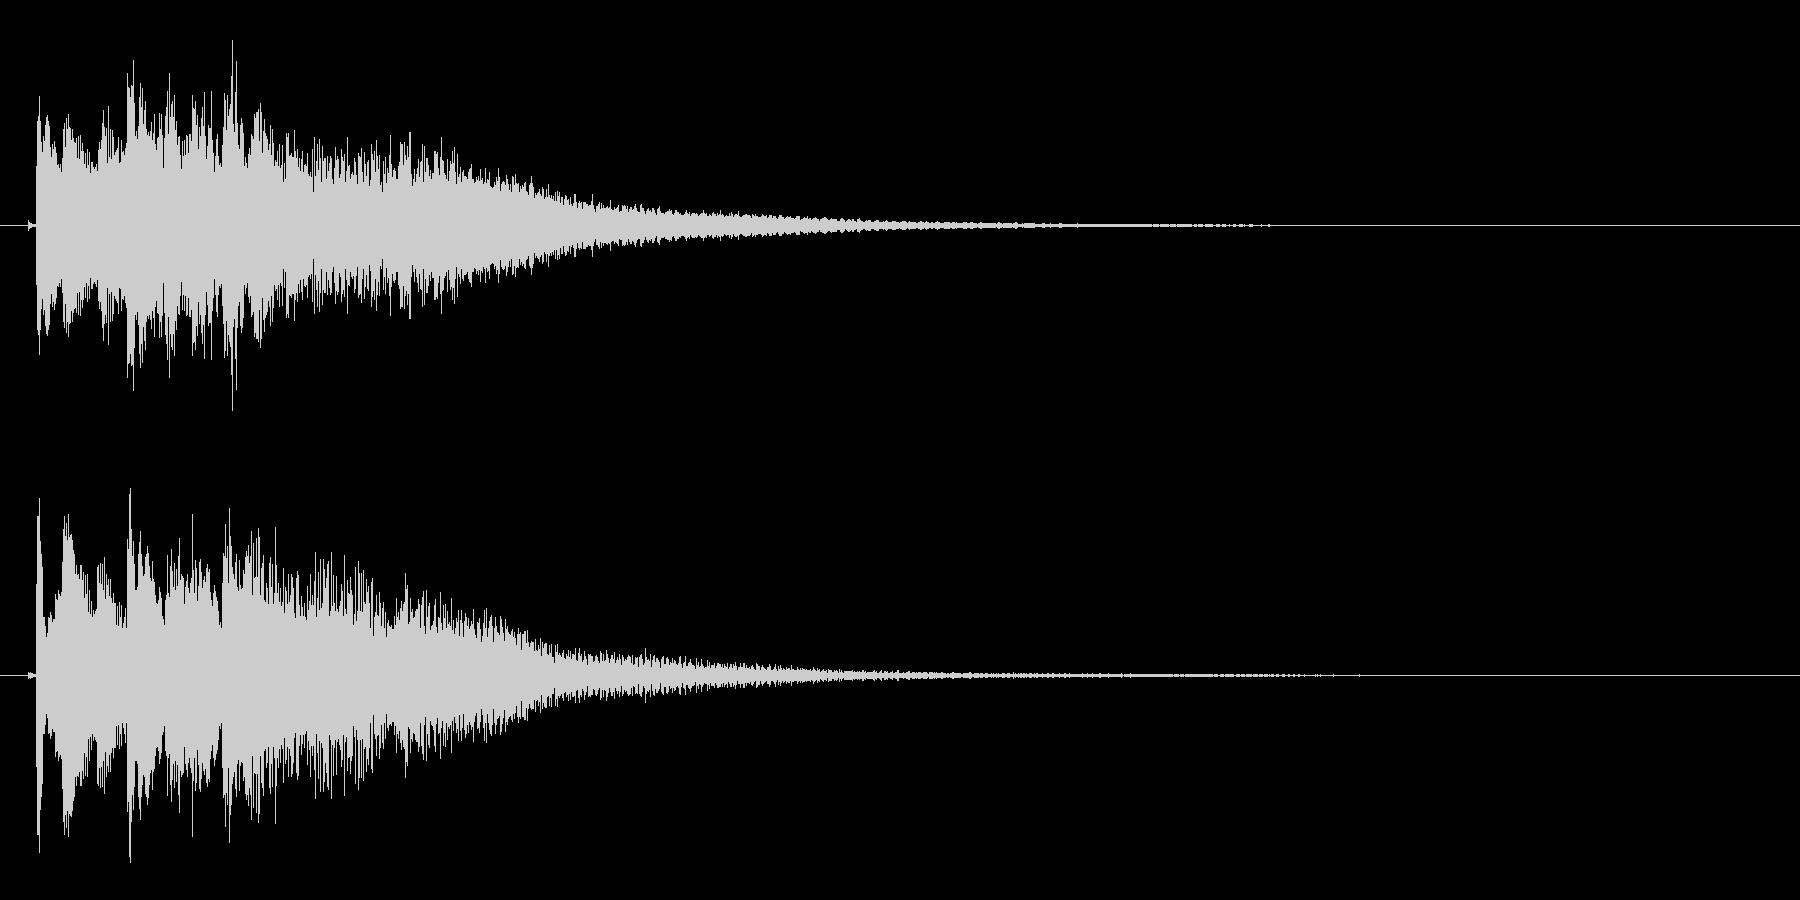 琴のフレーズ1☆調律2☆リバーブ有の未再生の波形